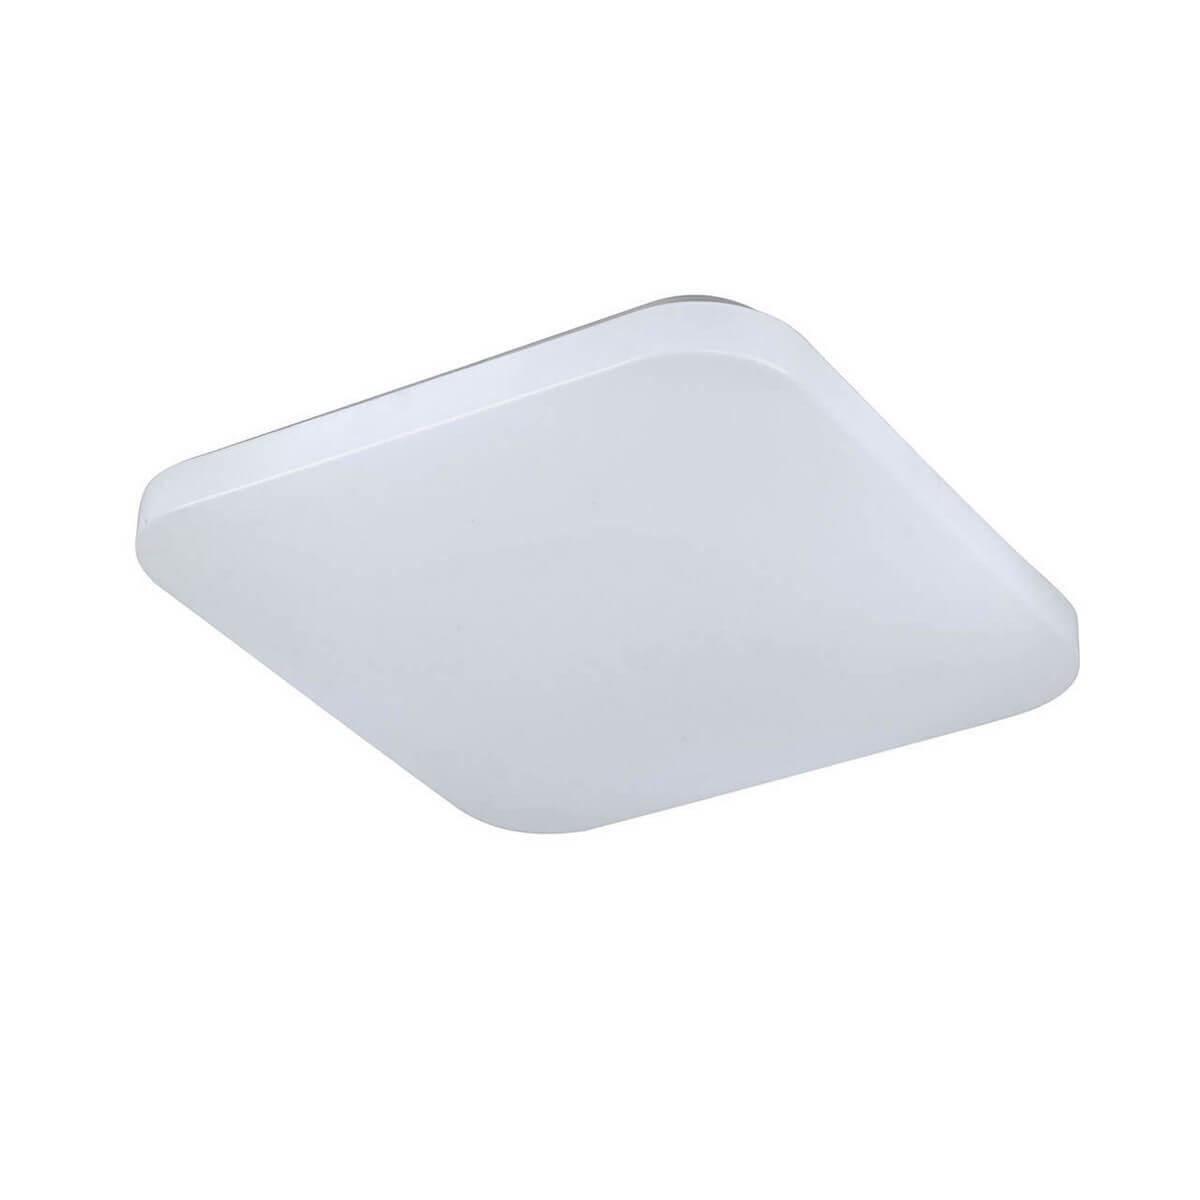 купить Потолочный светодиодный светильник Mantra Quatro II 6244 онлайн